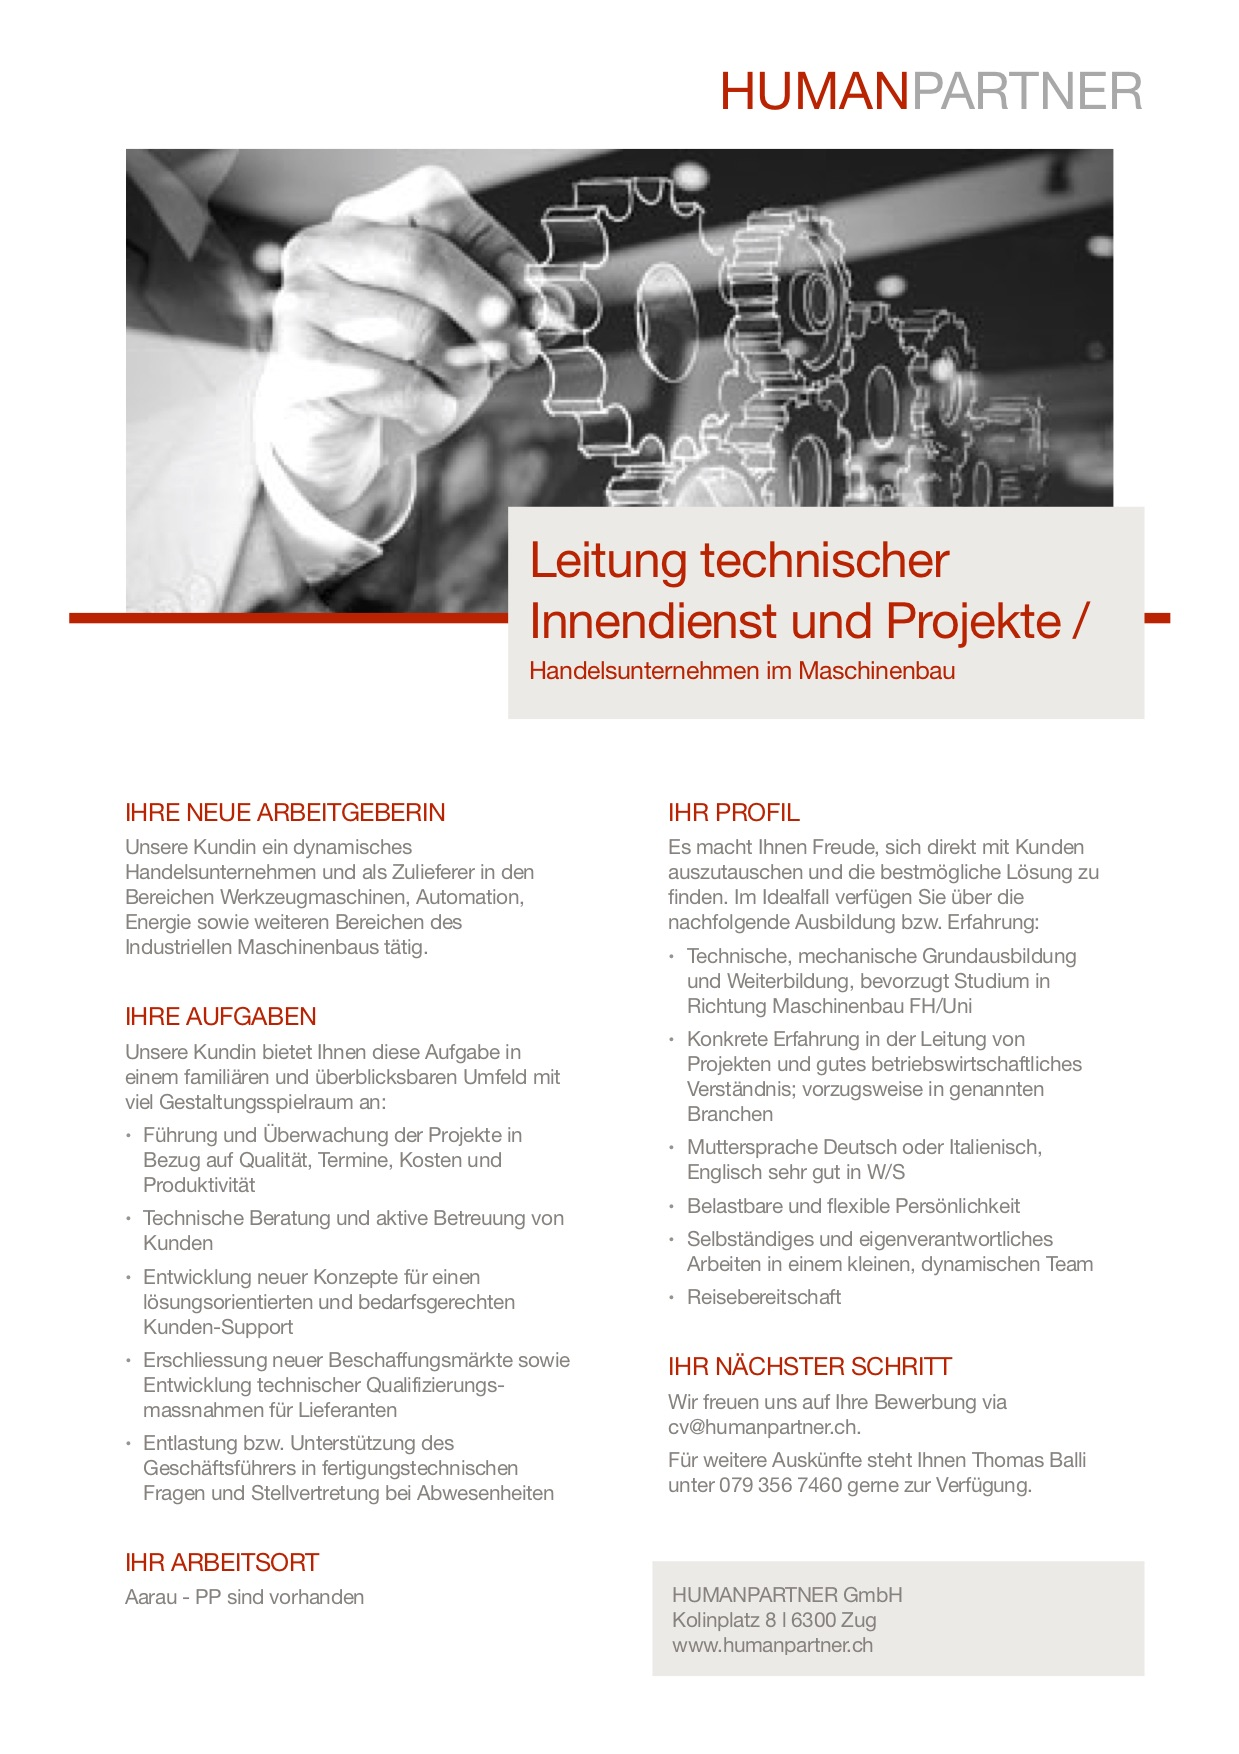 Leitung technischer Innendienst - 2018